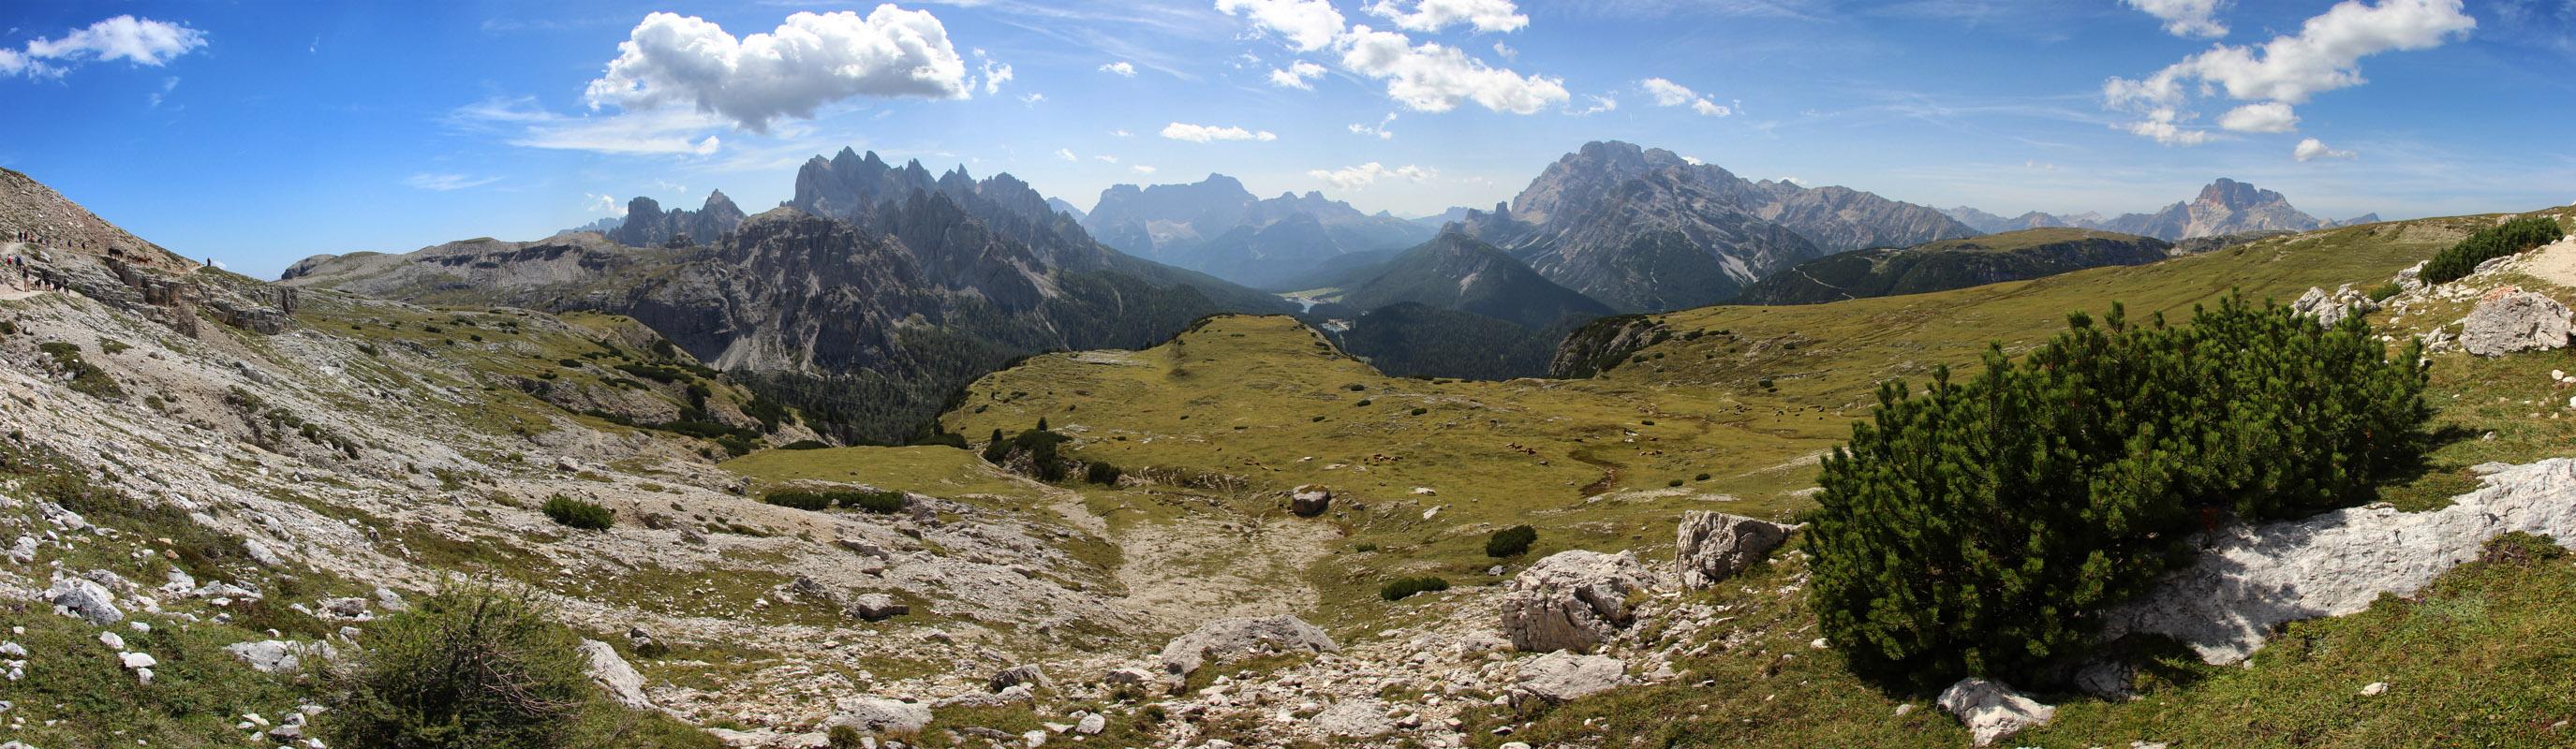 Panoráma Cima Ciadin de la Neve, Torre del Diavolo, Torre Wundt, Lago di Misurina, Monte Cristallo, Dolomity